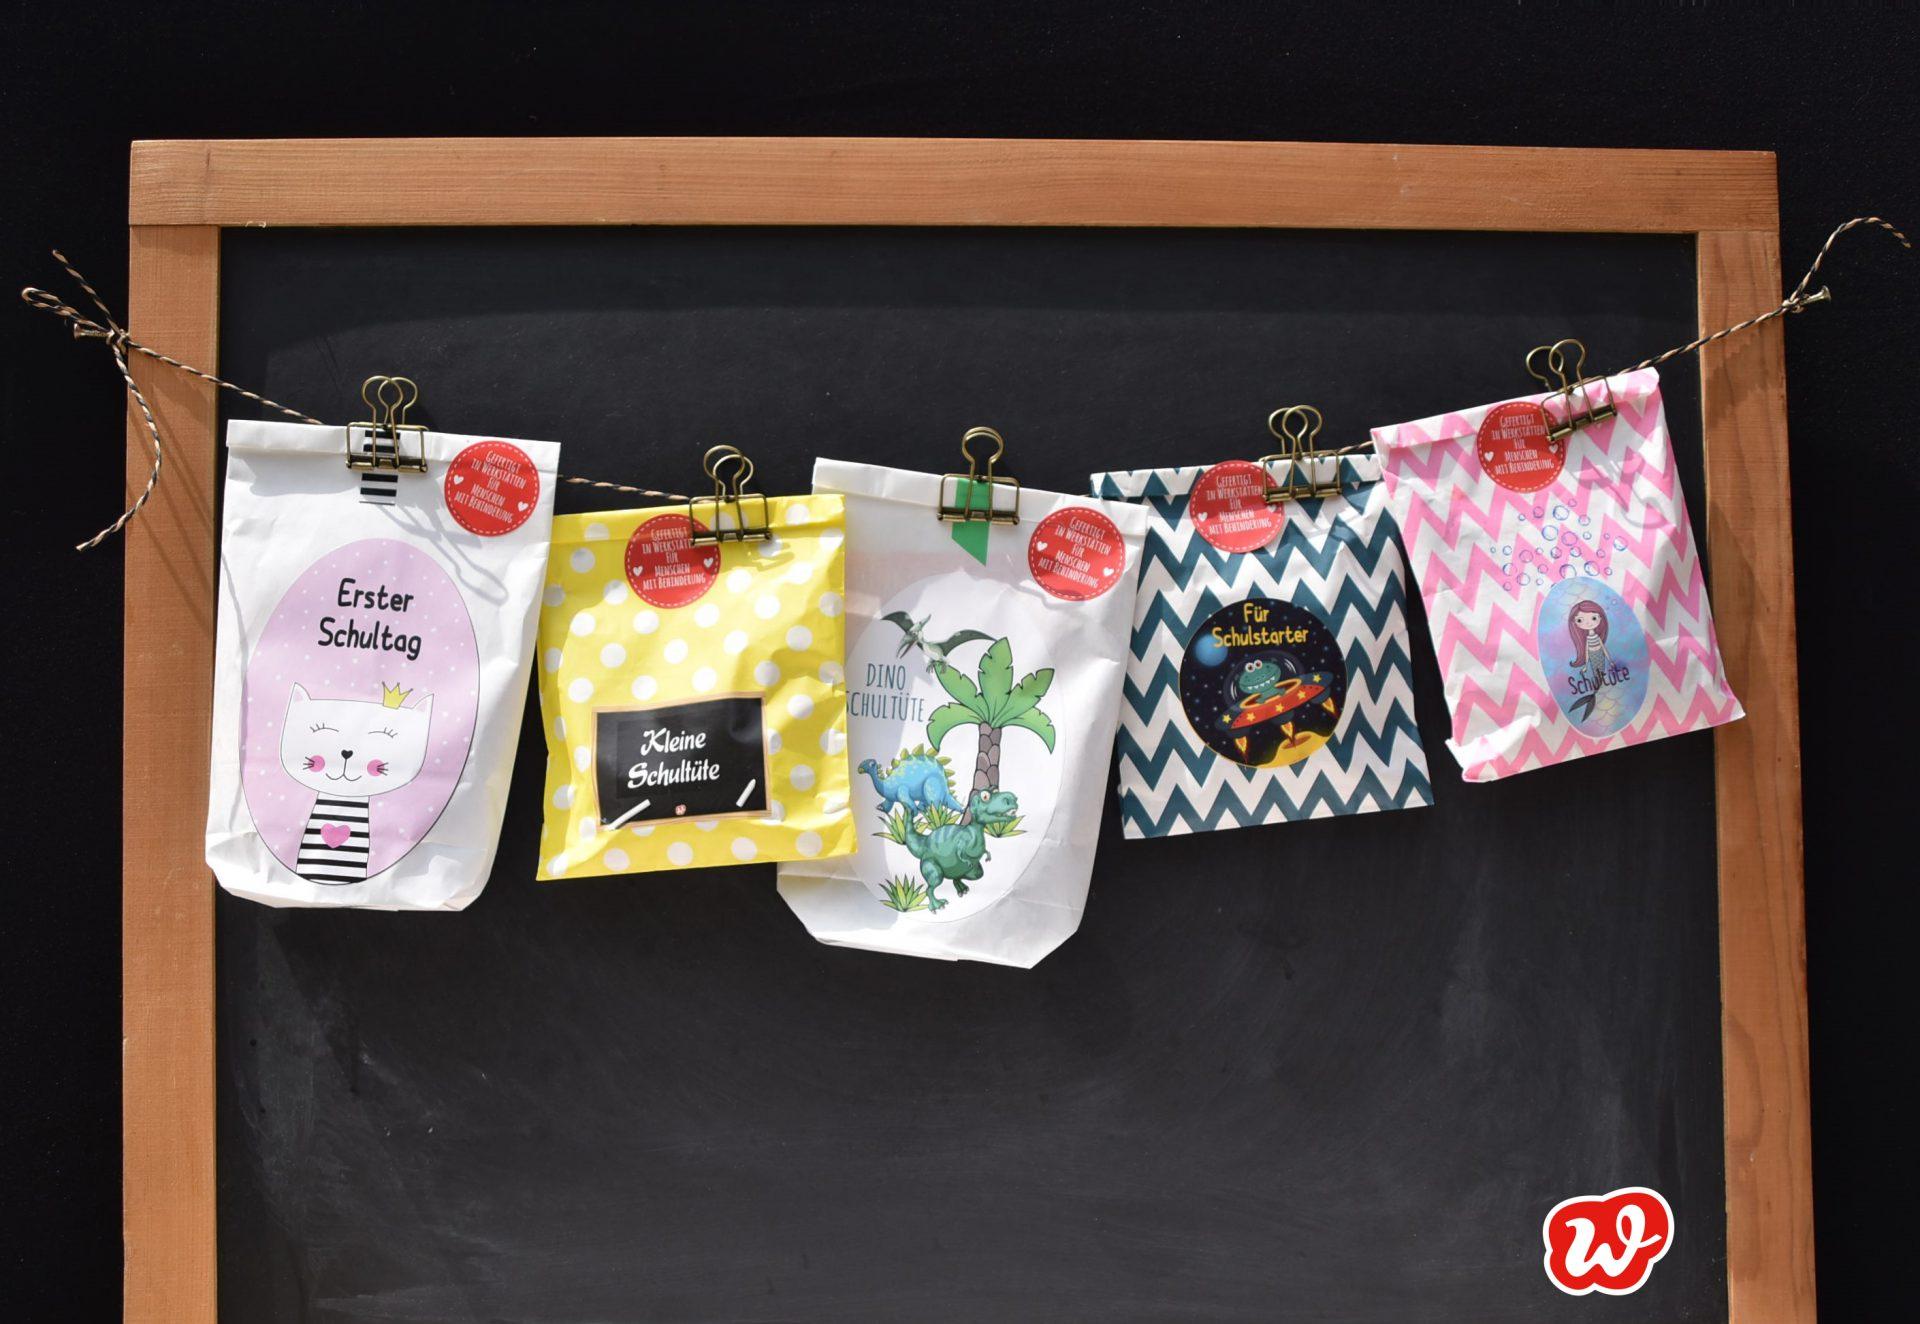 Wunderle Schultüten, Schule kann beginnen, Geschenkideen, Geschenke, gefertigt in Werkstätten für Menschen mit Behinderung